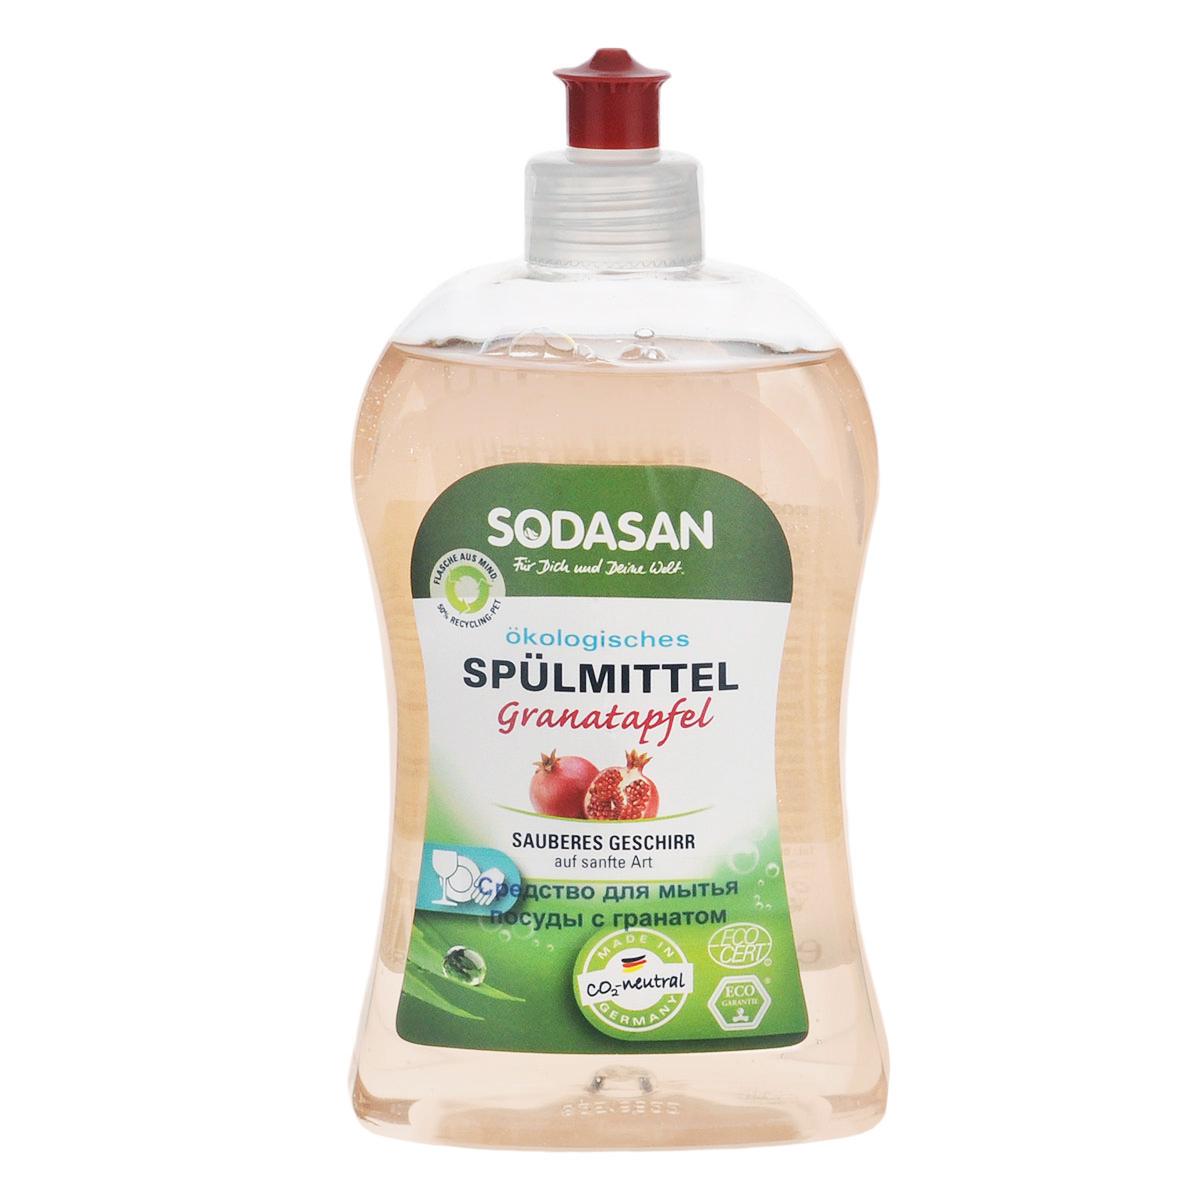 Жидкое средство Sodasan для мытья посуды, с запахом граната, 500 мл2256Жидкое средство-концентрат Sodasan качественно и безопасно моет посуду без лишних усилий. Быстро удаляет загрязнения и жир. Придает посуде блеск и не оставляет разводов. В состав входят только безопасные растительные ингредиенты органического происхождения. Специальная формула с гранатом защищает ваши руки от пересыхания и делает их мягкими на ощупь. Экономично в использовании. Характеристики: Объем: 500 мл. Артикул: 2256. Товар сертифицирован.